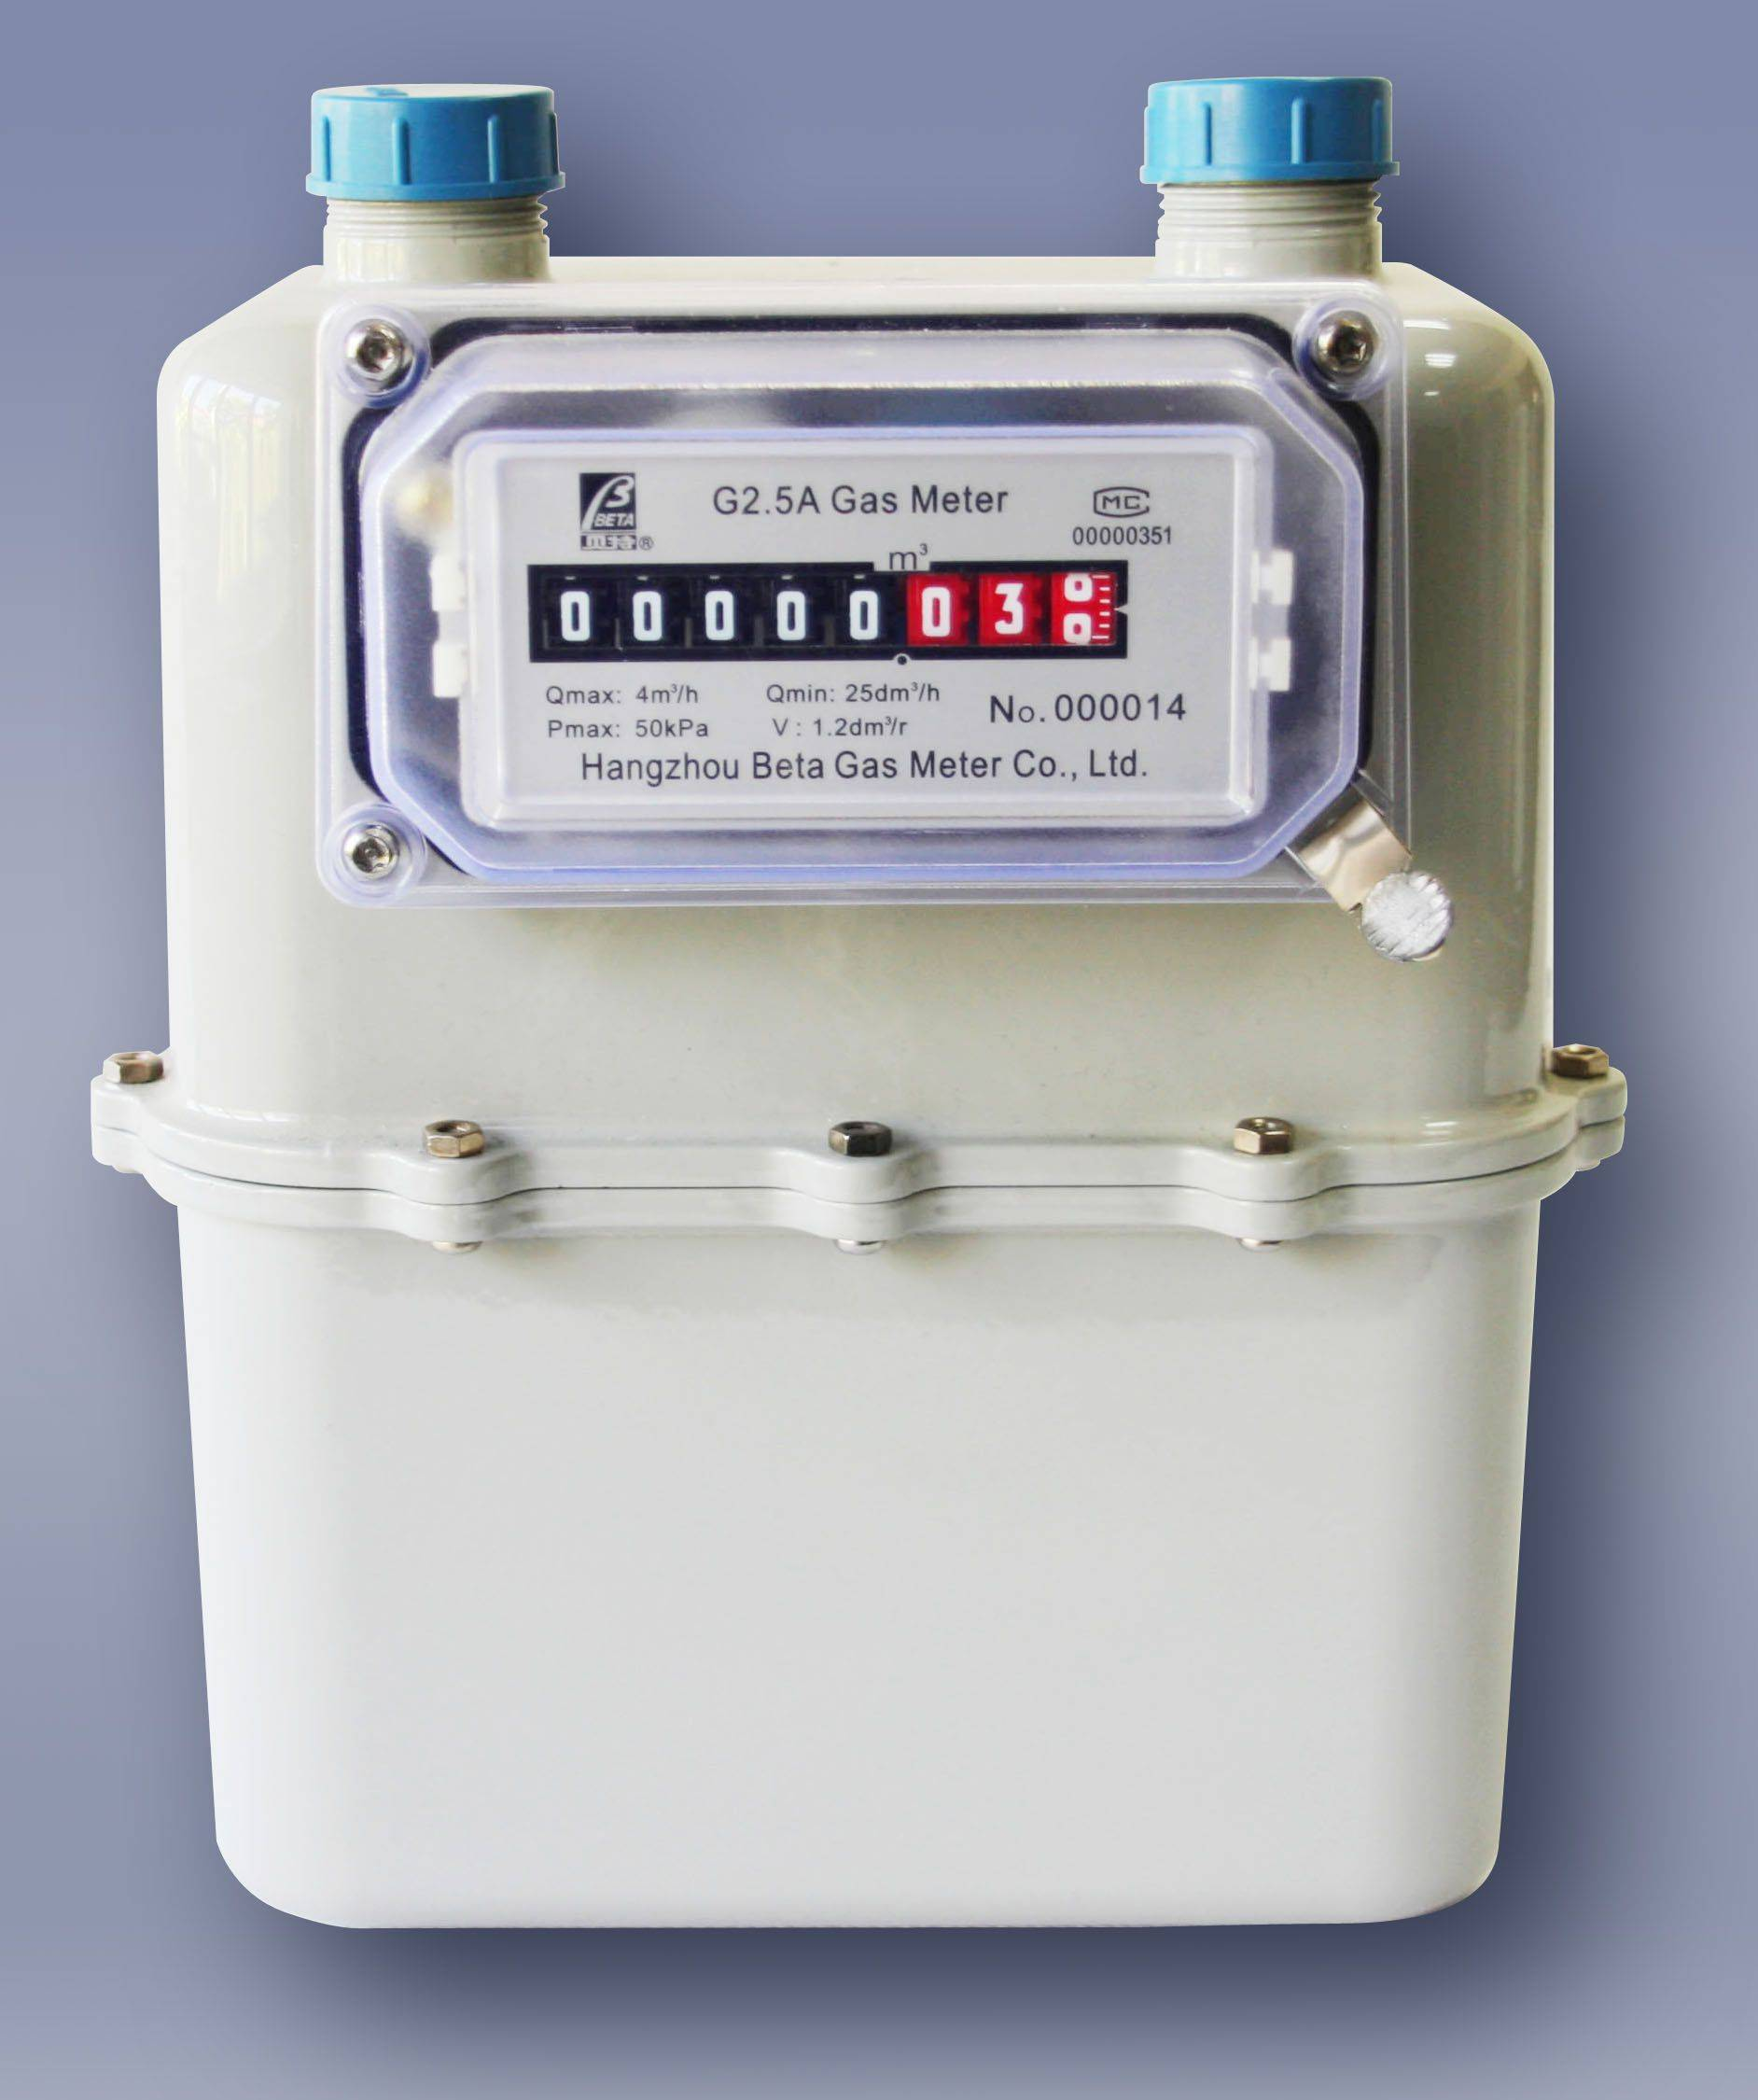 Газовый электронный счетчик или механический – какой лучше, устройство, обзор популярных моделей